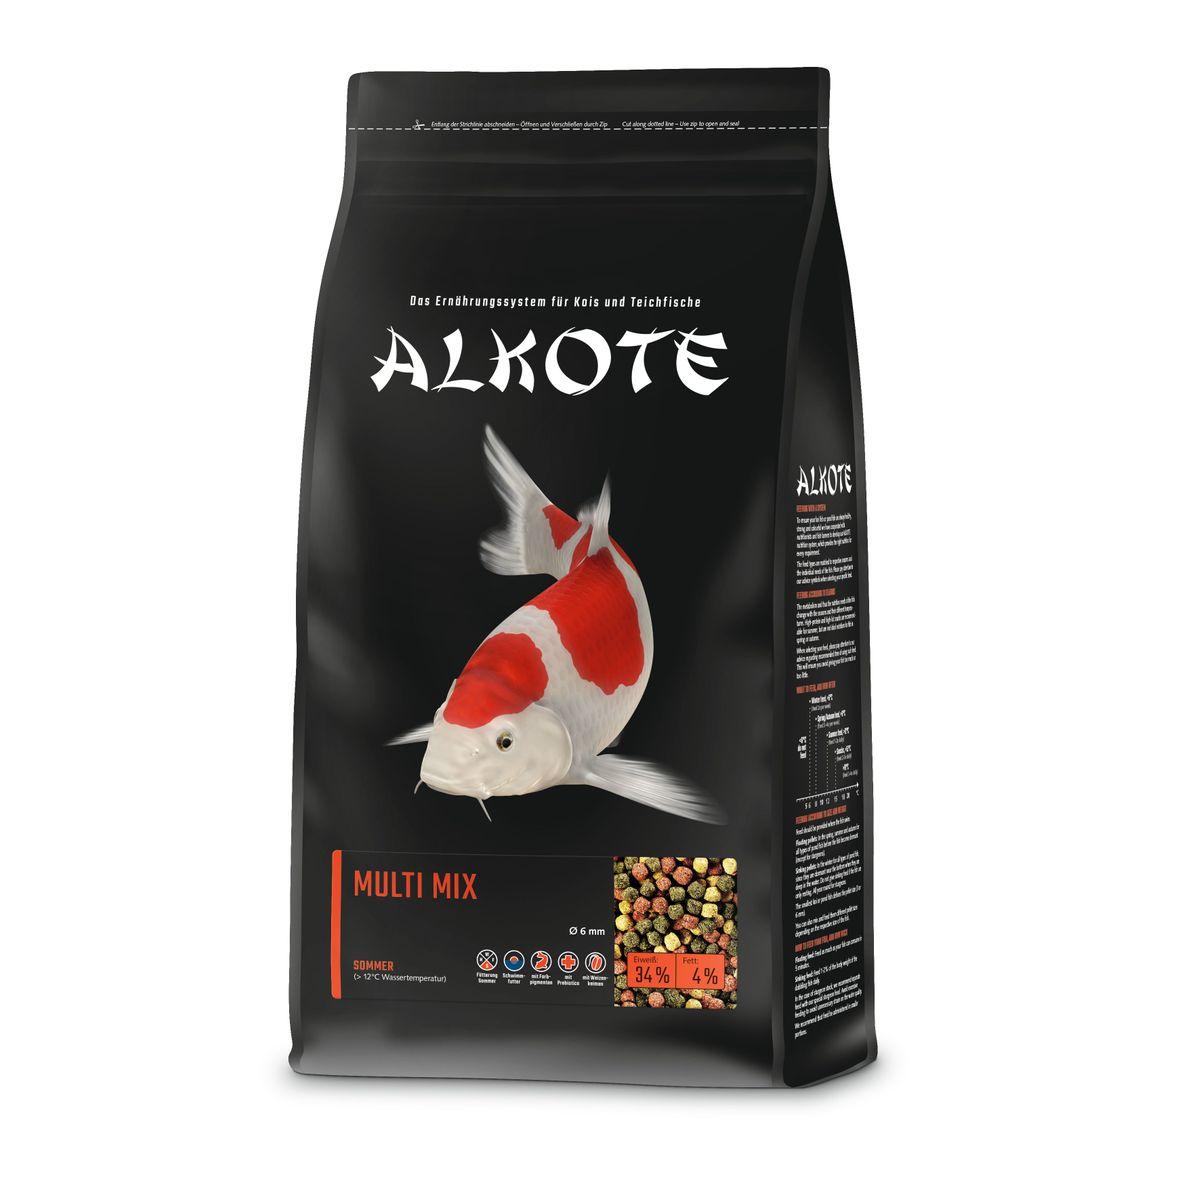 AL-KO-TE Multi-Mix 6mm | 1kg Koifutter, Teichfutter